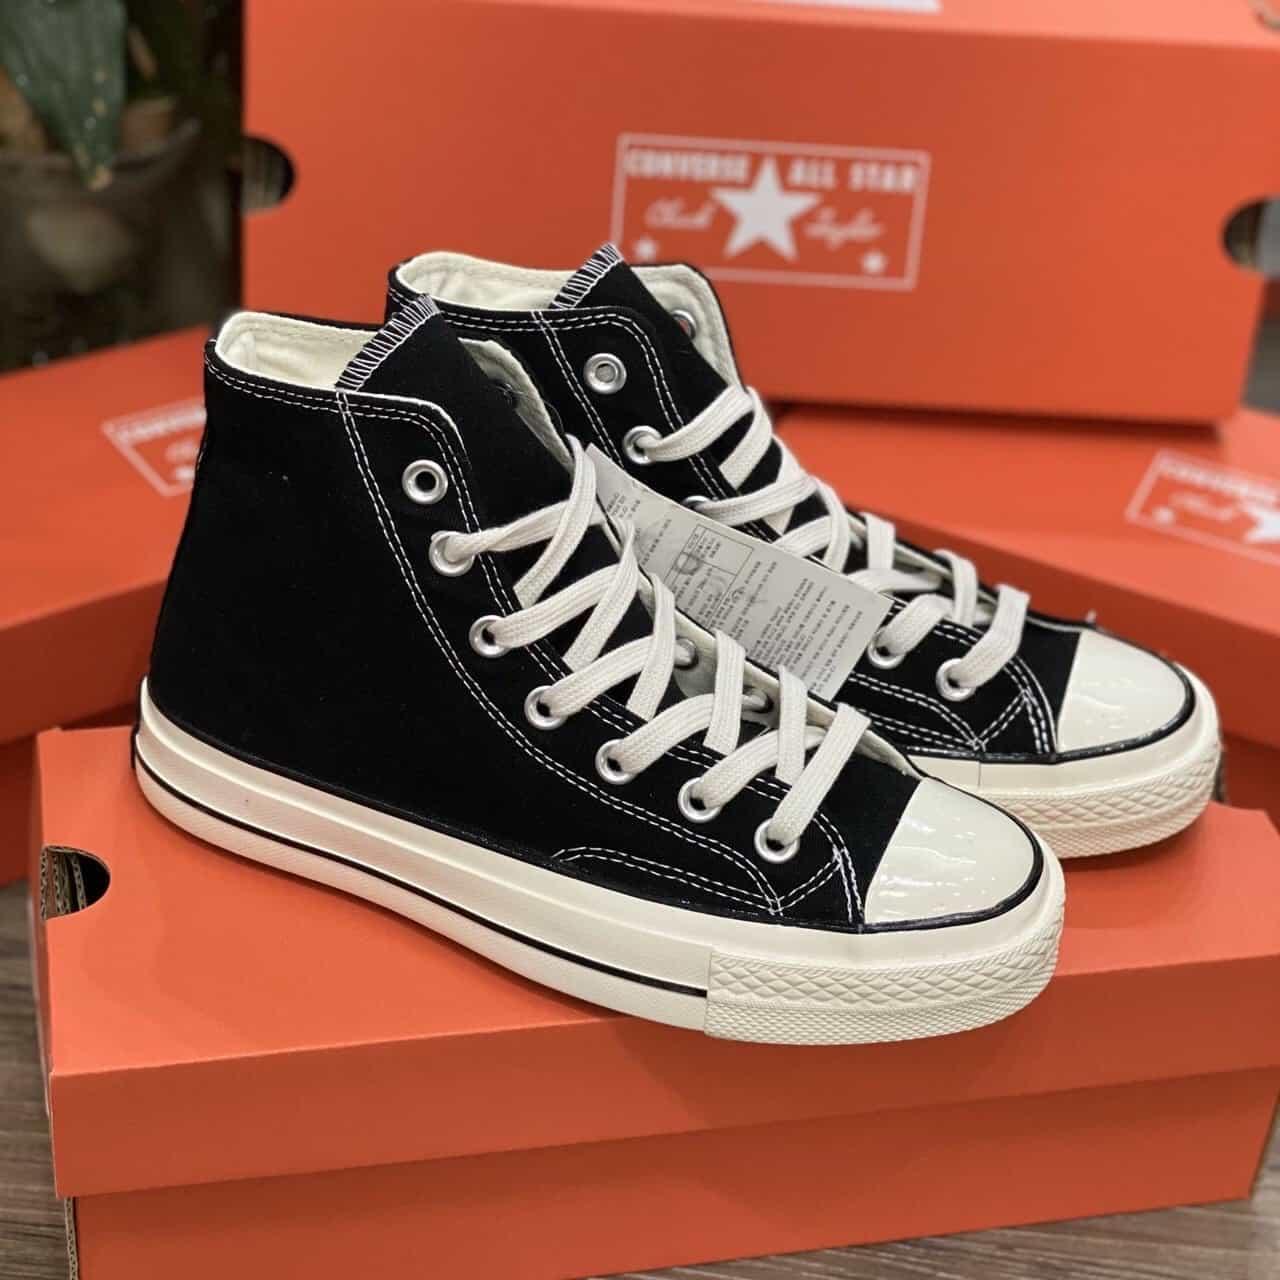 Giày Converse có thiết kế cổ điển, ấn tượng